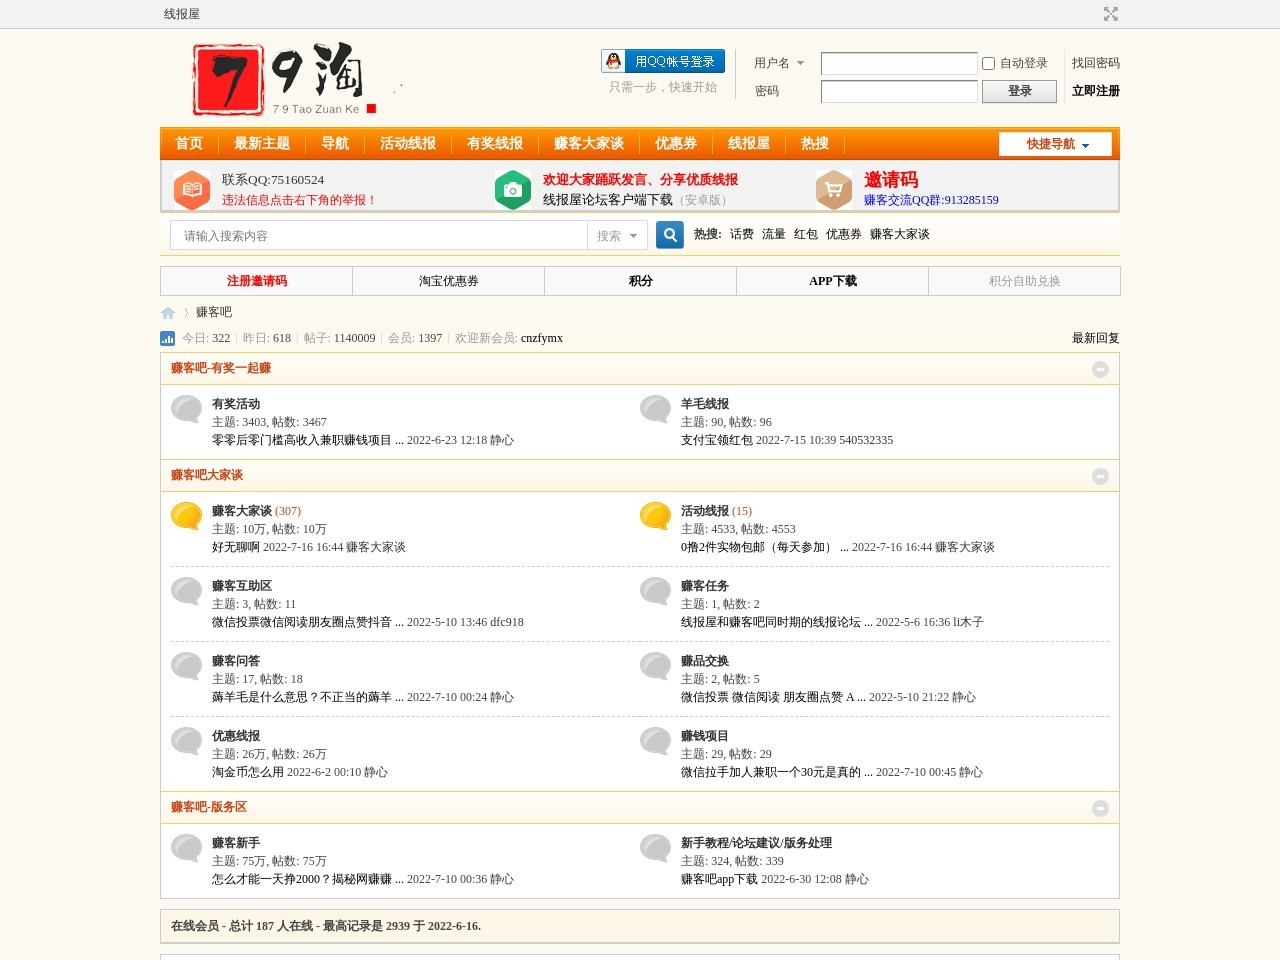 赚客吧-线报网-赚客之家-79淘线报屋是最新最大的线报网站